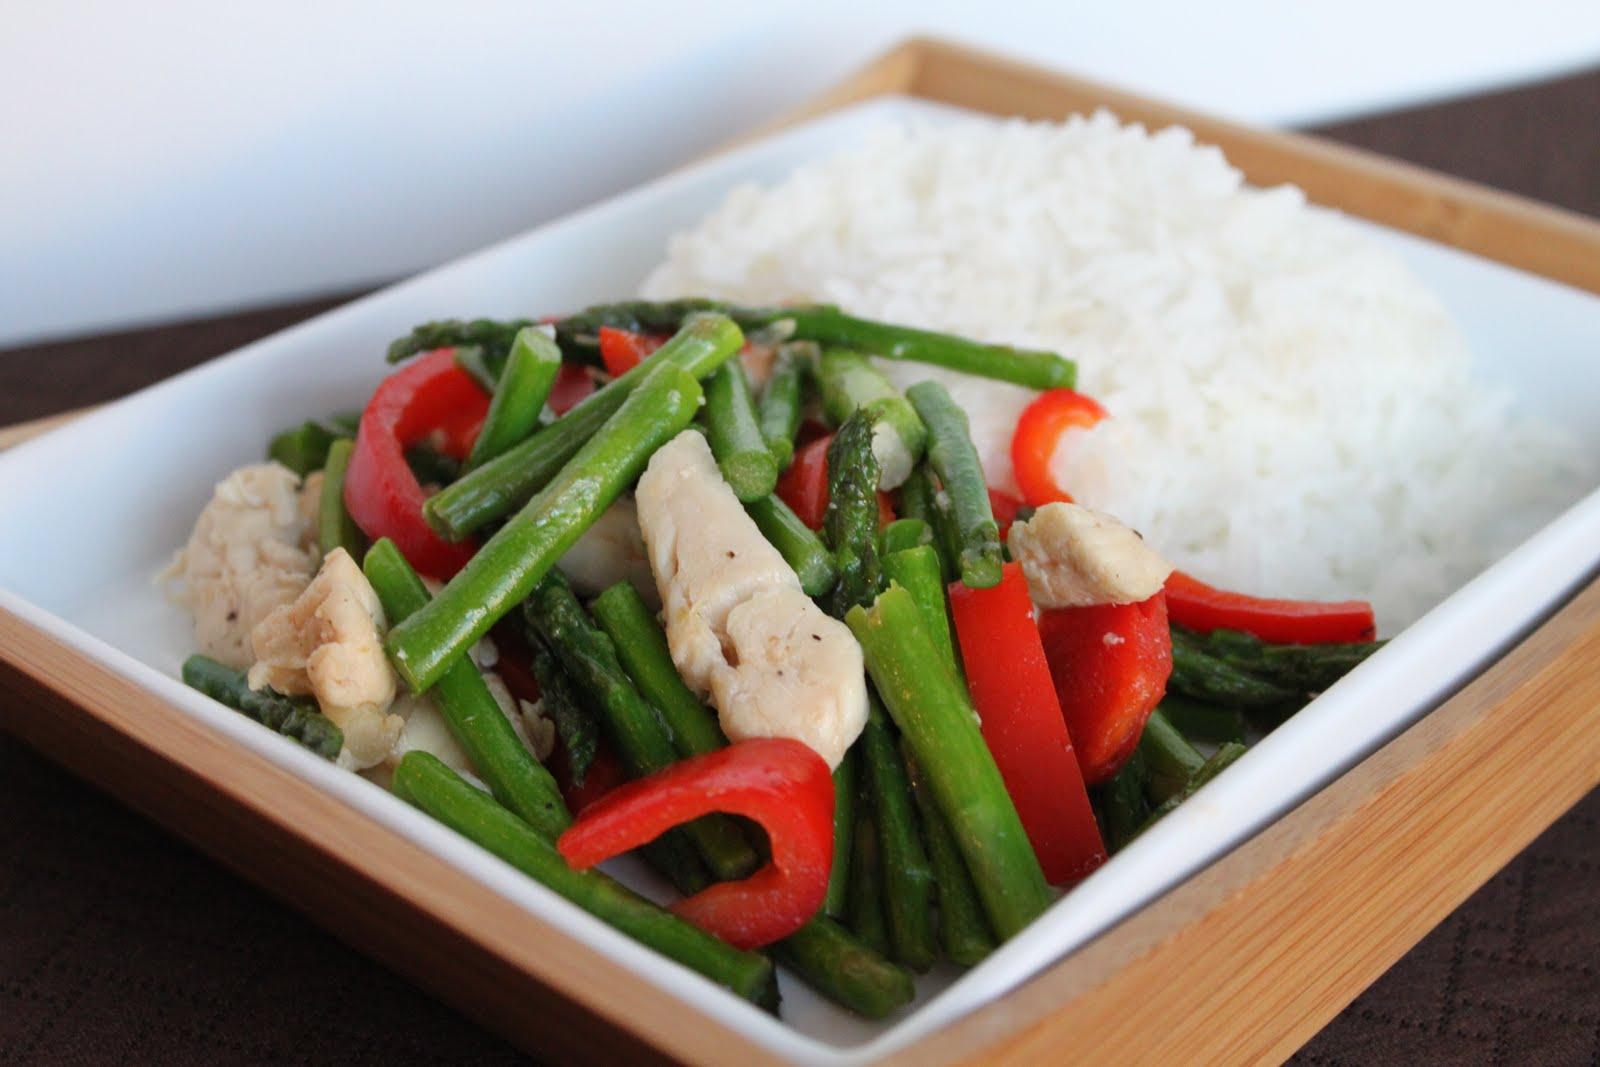 tribune asparagus stir fry recipe yummly chicken asparagus stir fry ...